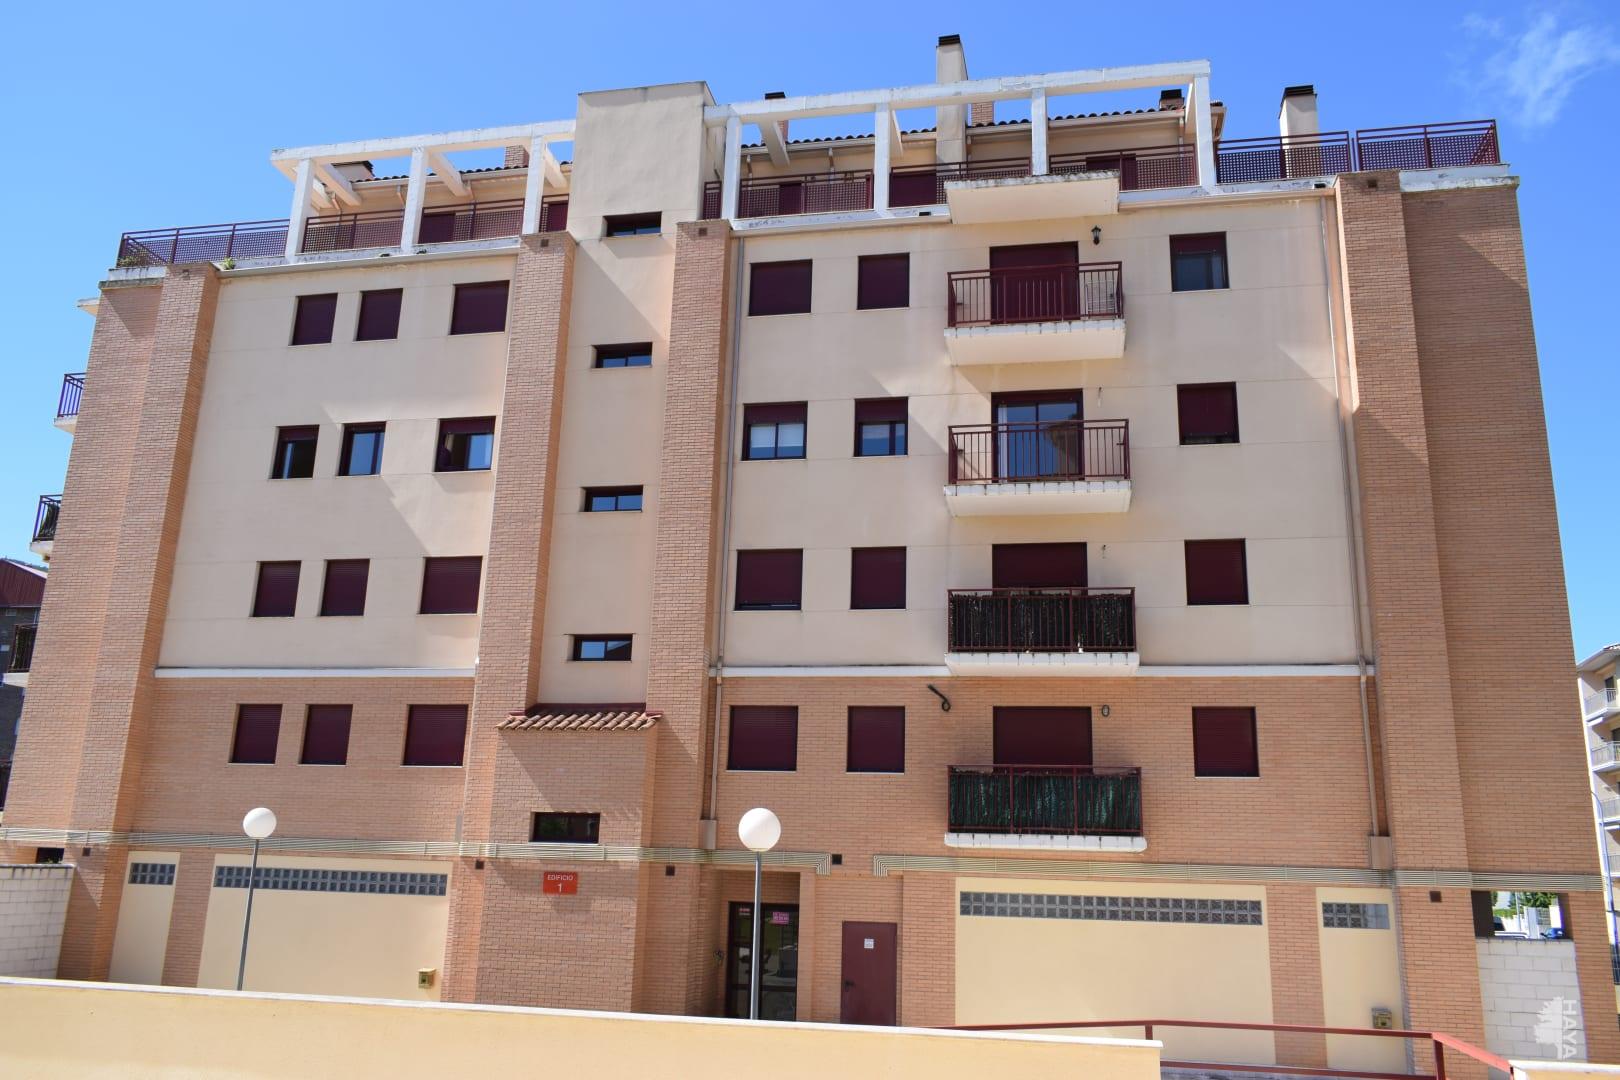 Piso en venta en Puente de Sardas, Sabiñánigo, Huesca, Calle Sierra Guara, 74.635 €, 2 habitaciones, 1 baño, 58 m2